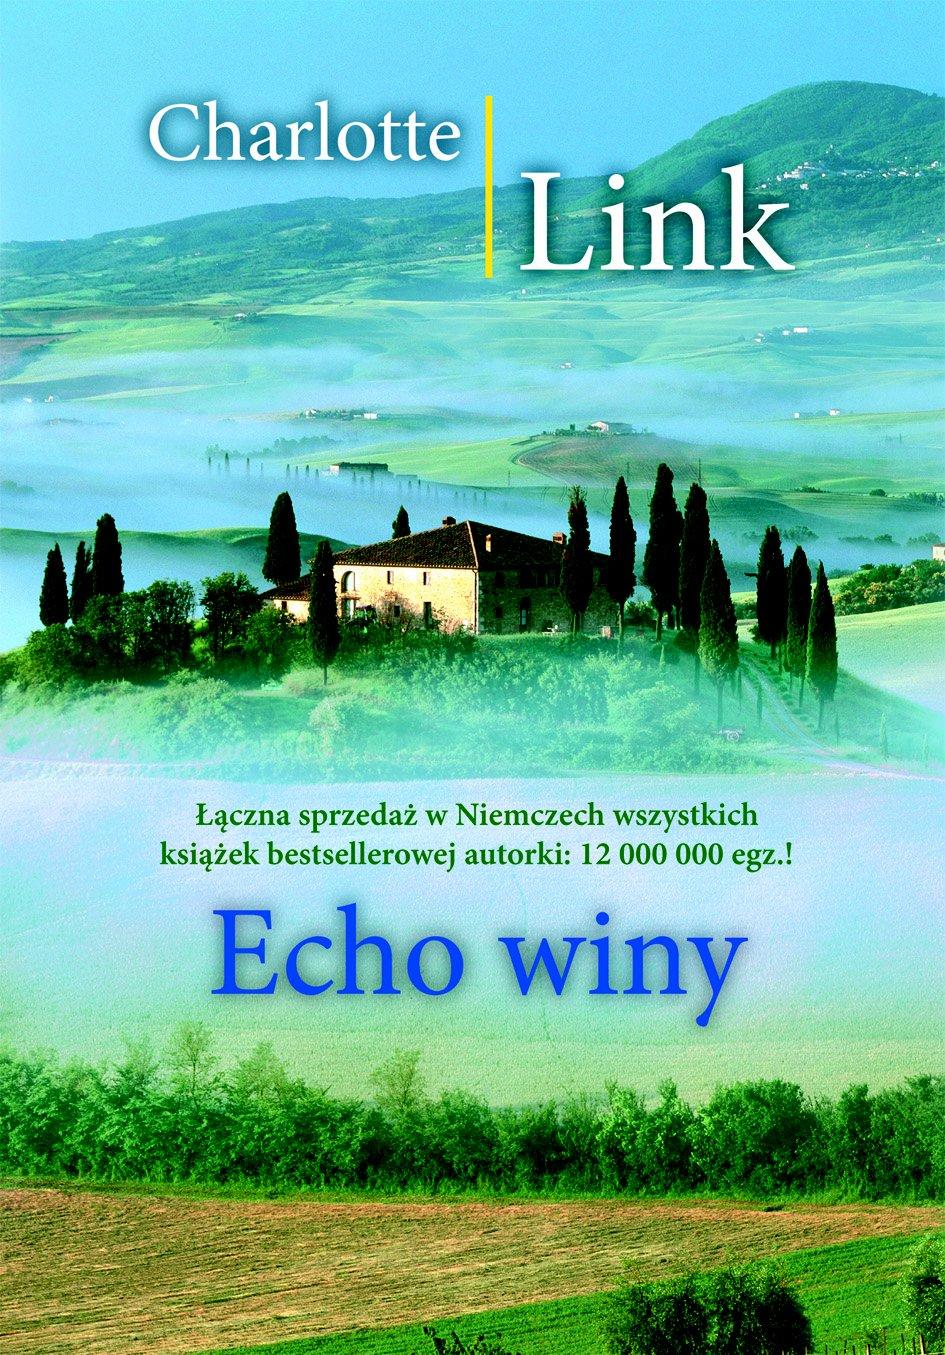 Echo winy - Ebook (Książka na Kindle) do pobrania w formacie MOBI